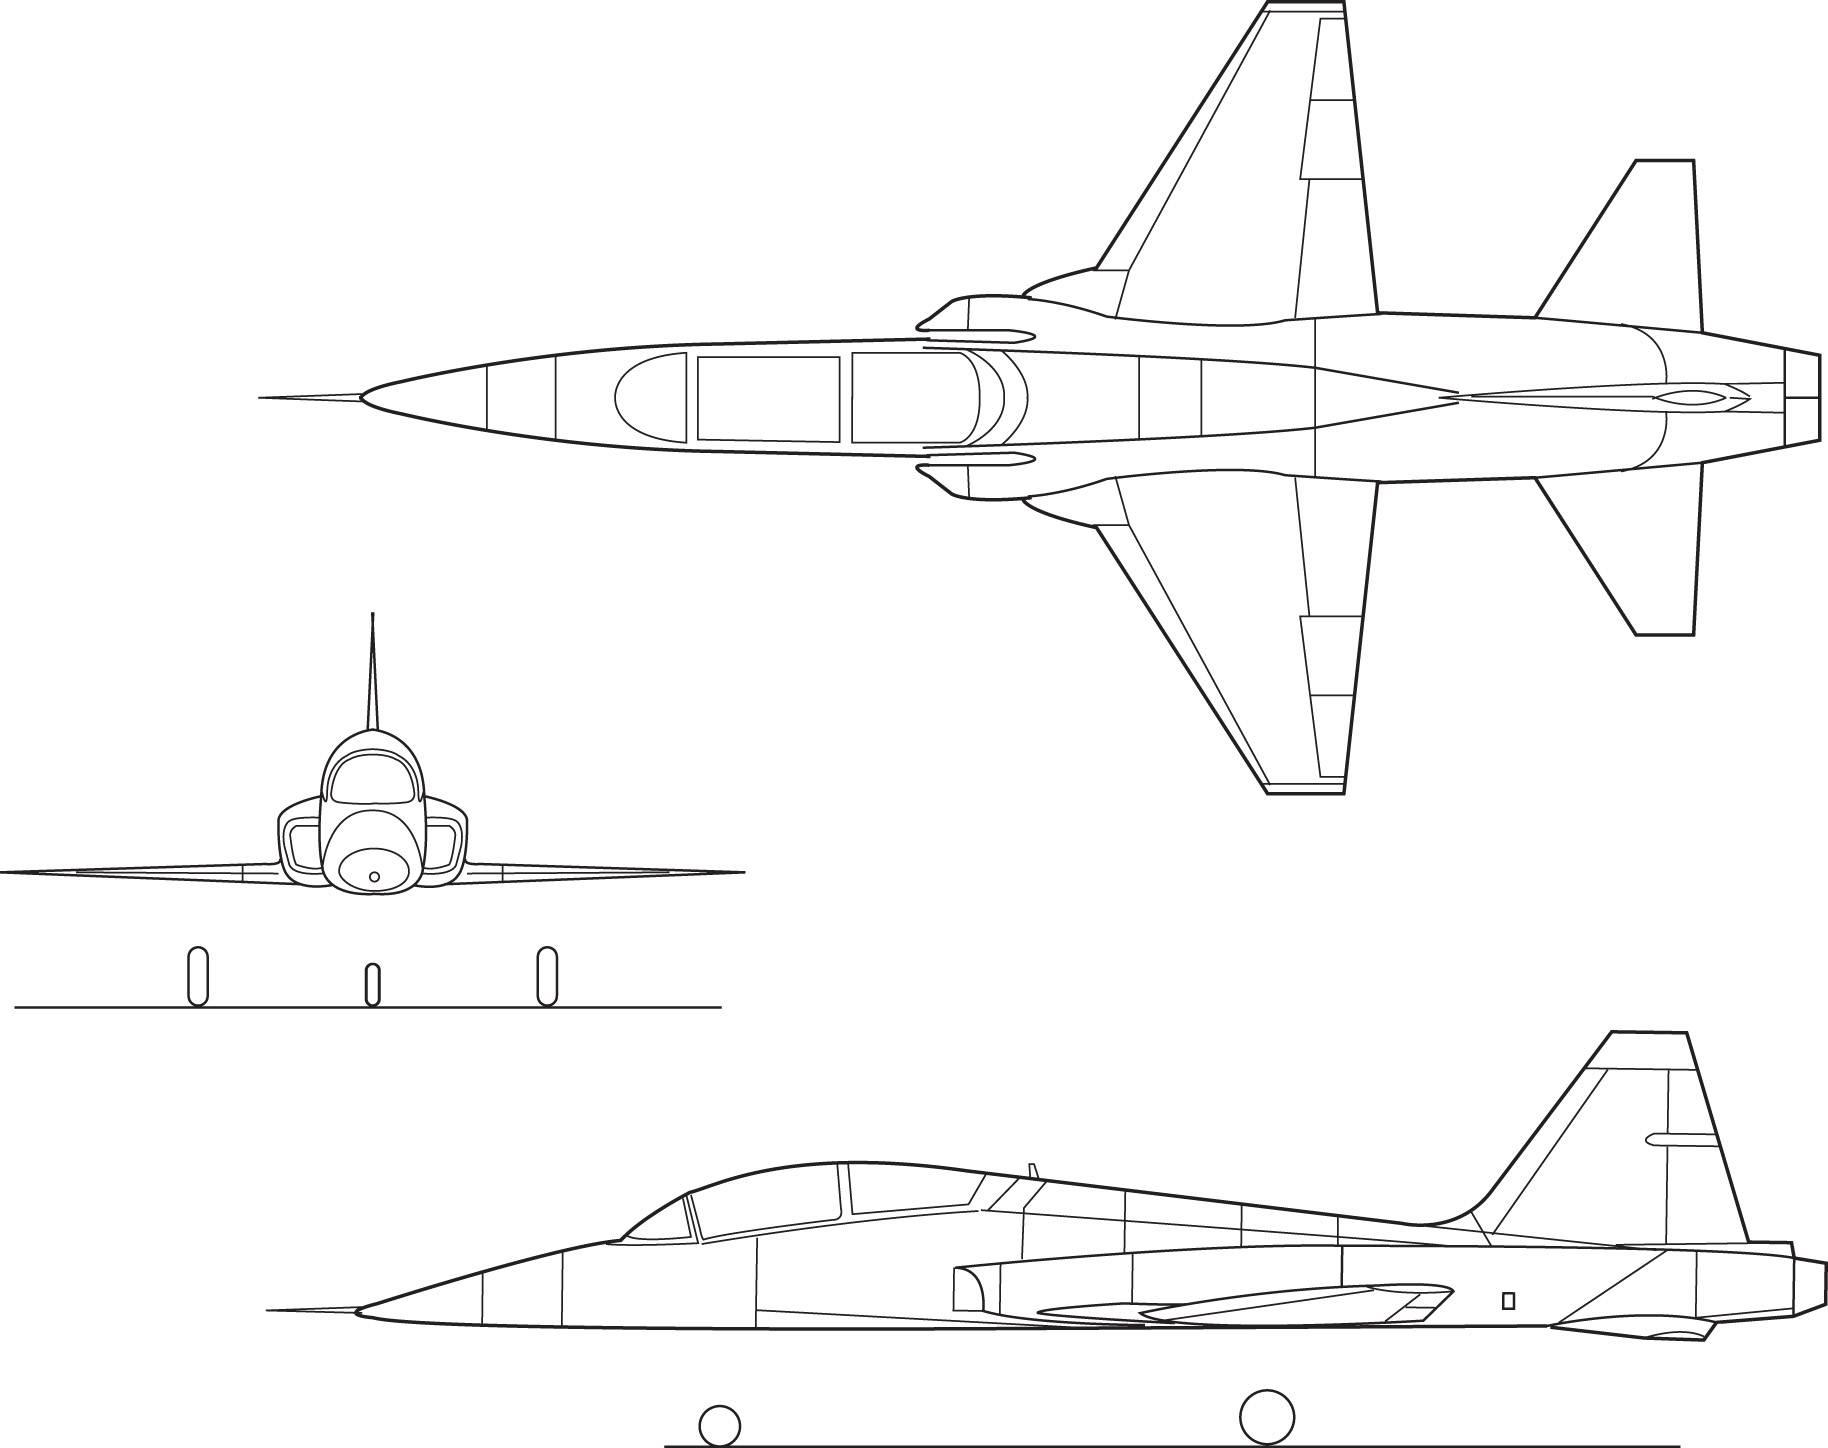 Northrop T-38